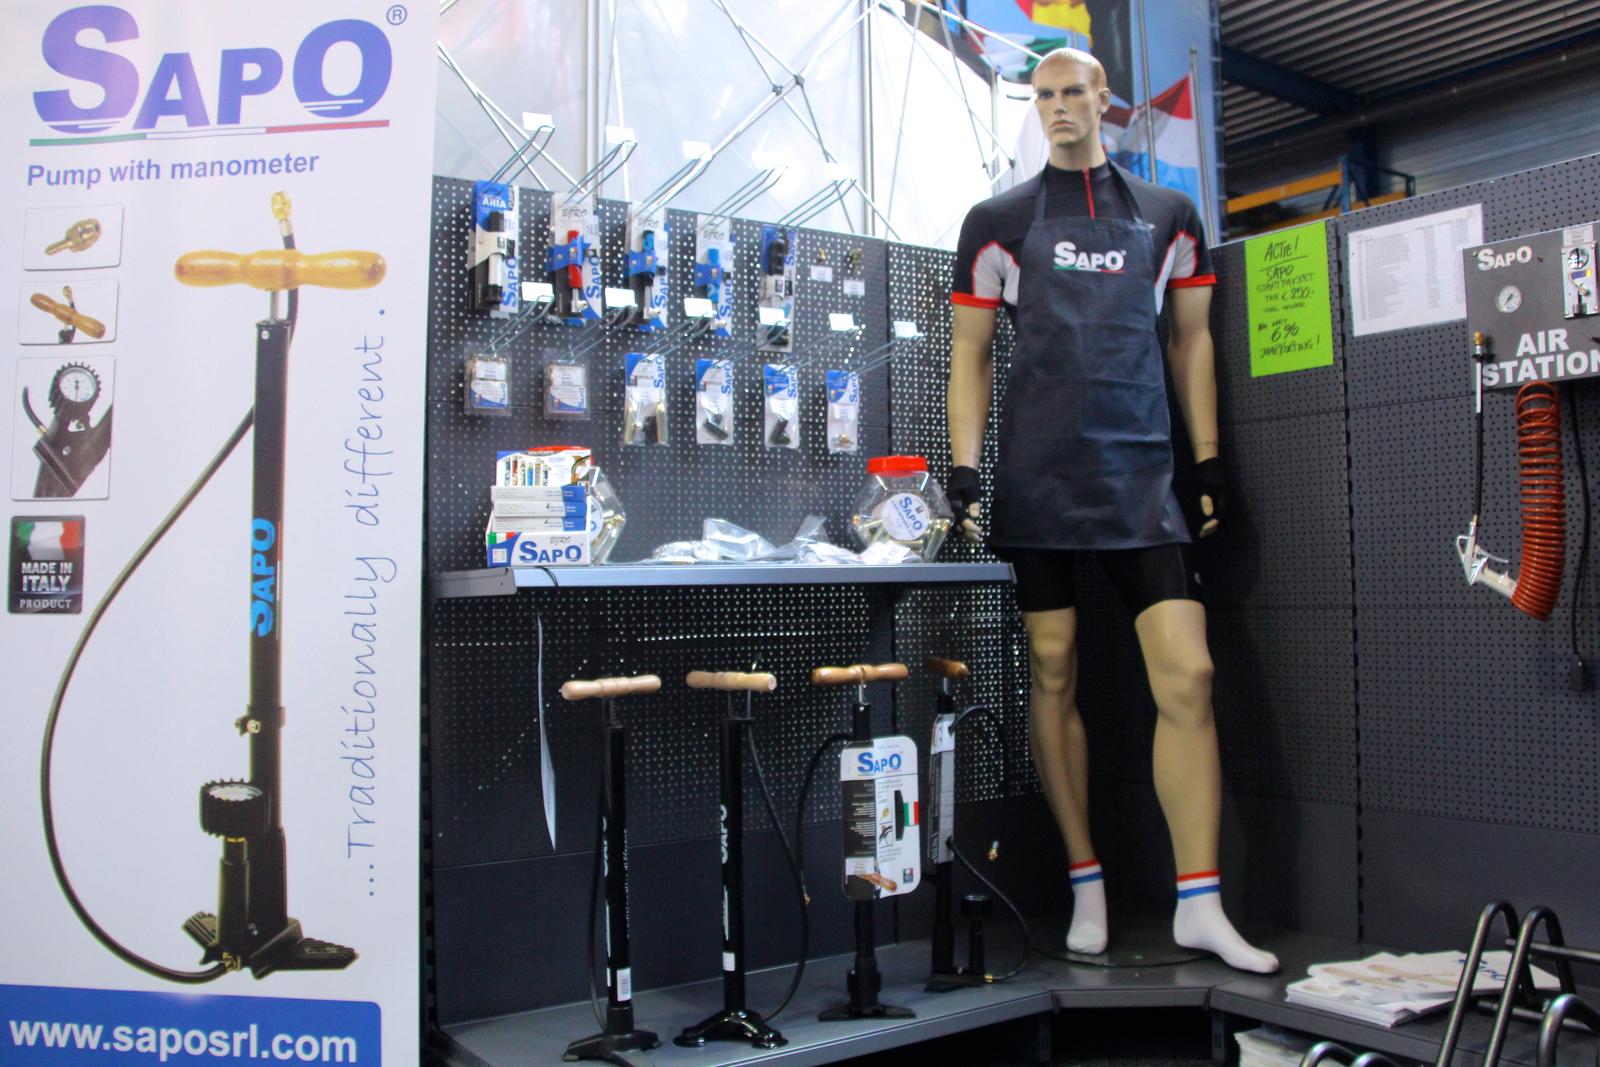 Prijzen SapO fietspompen blijven stabiel